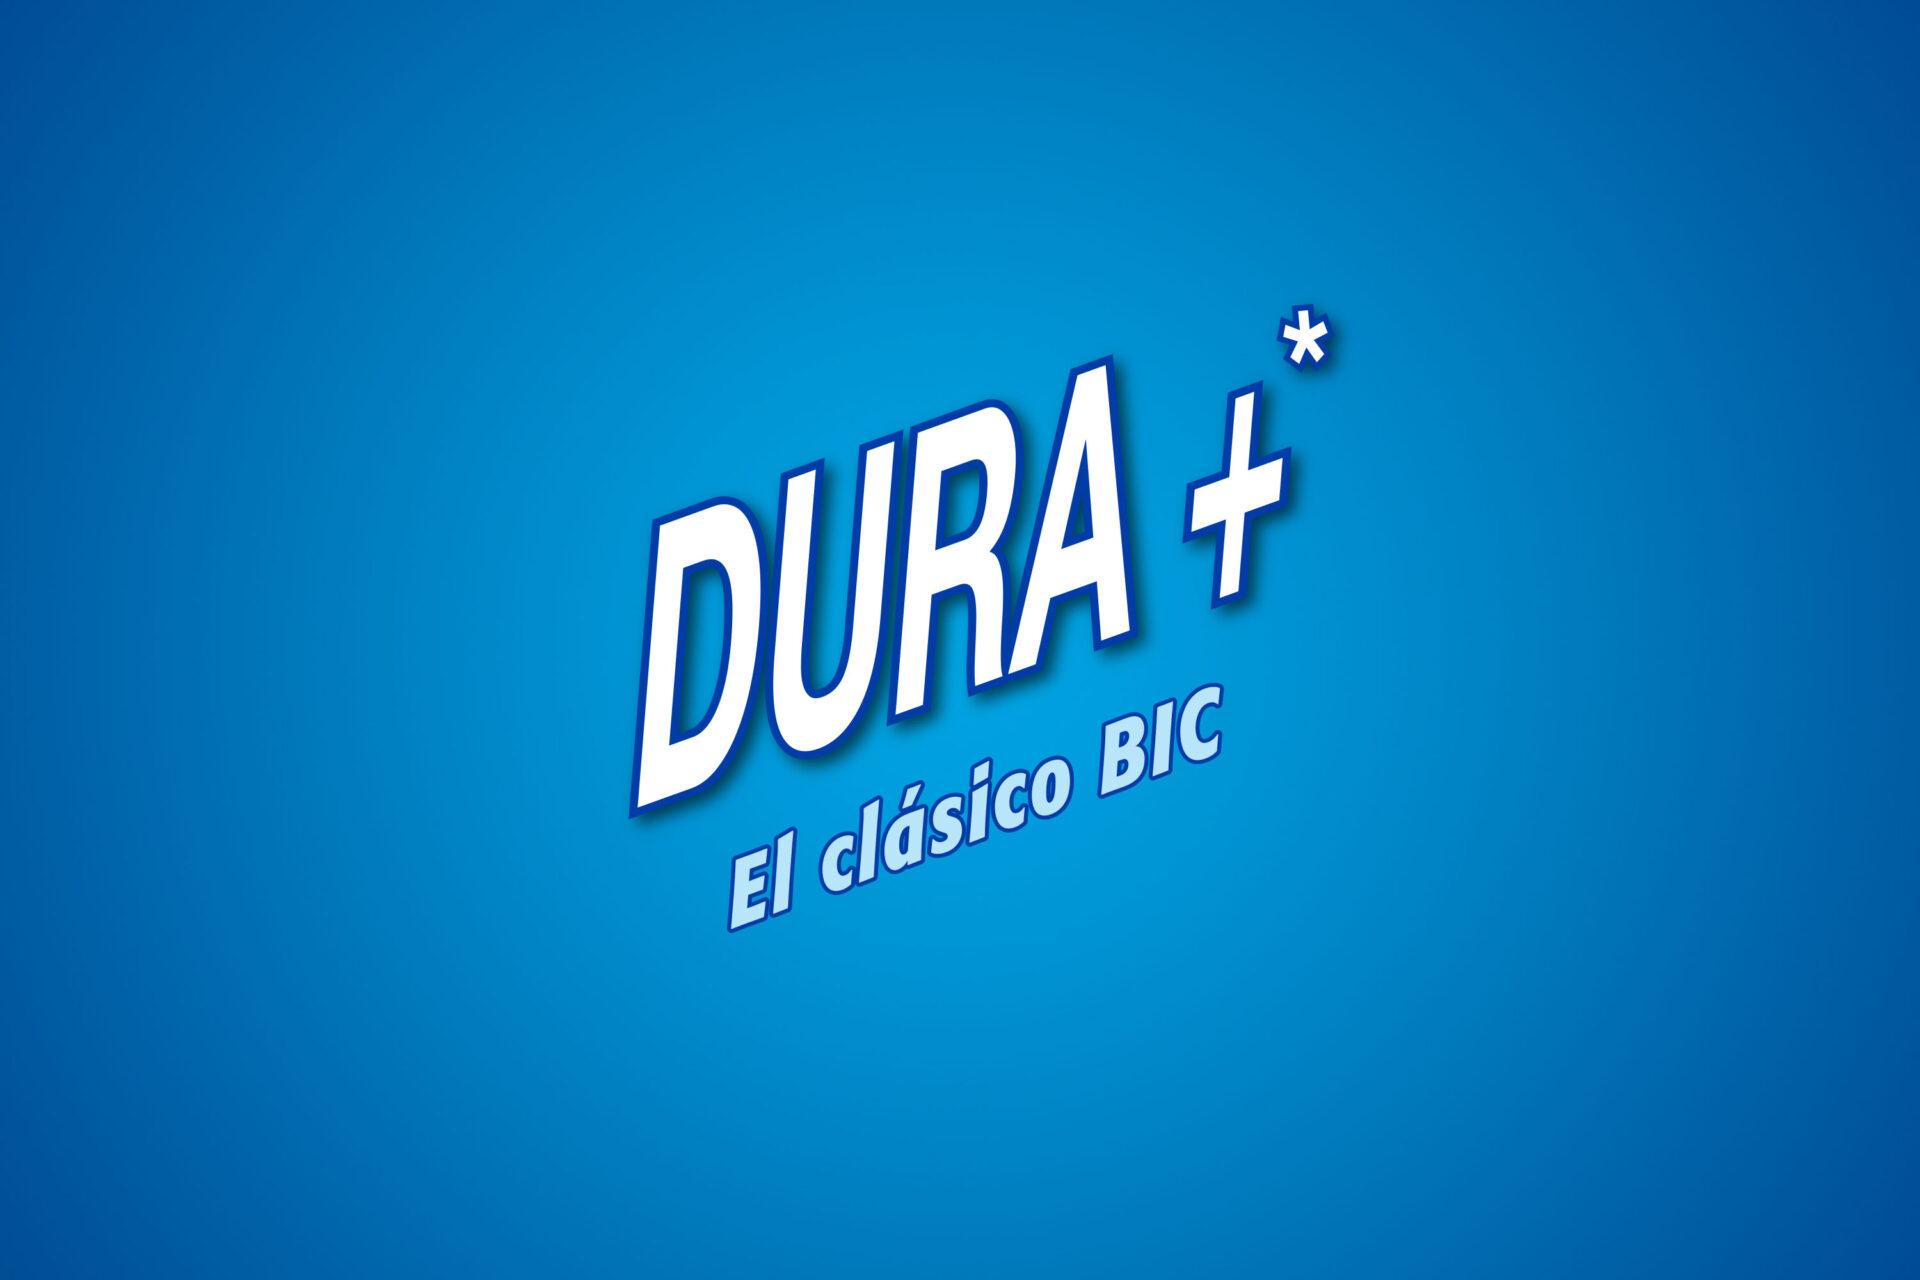 01-dura-mas-bic